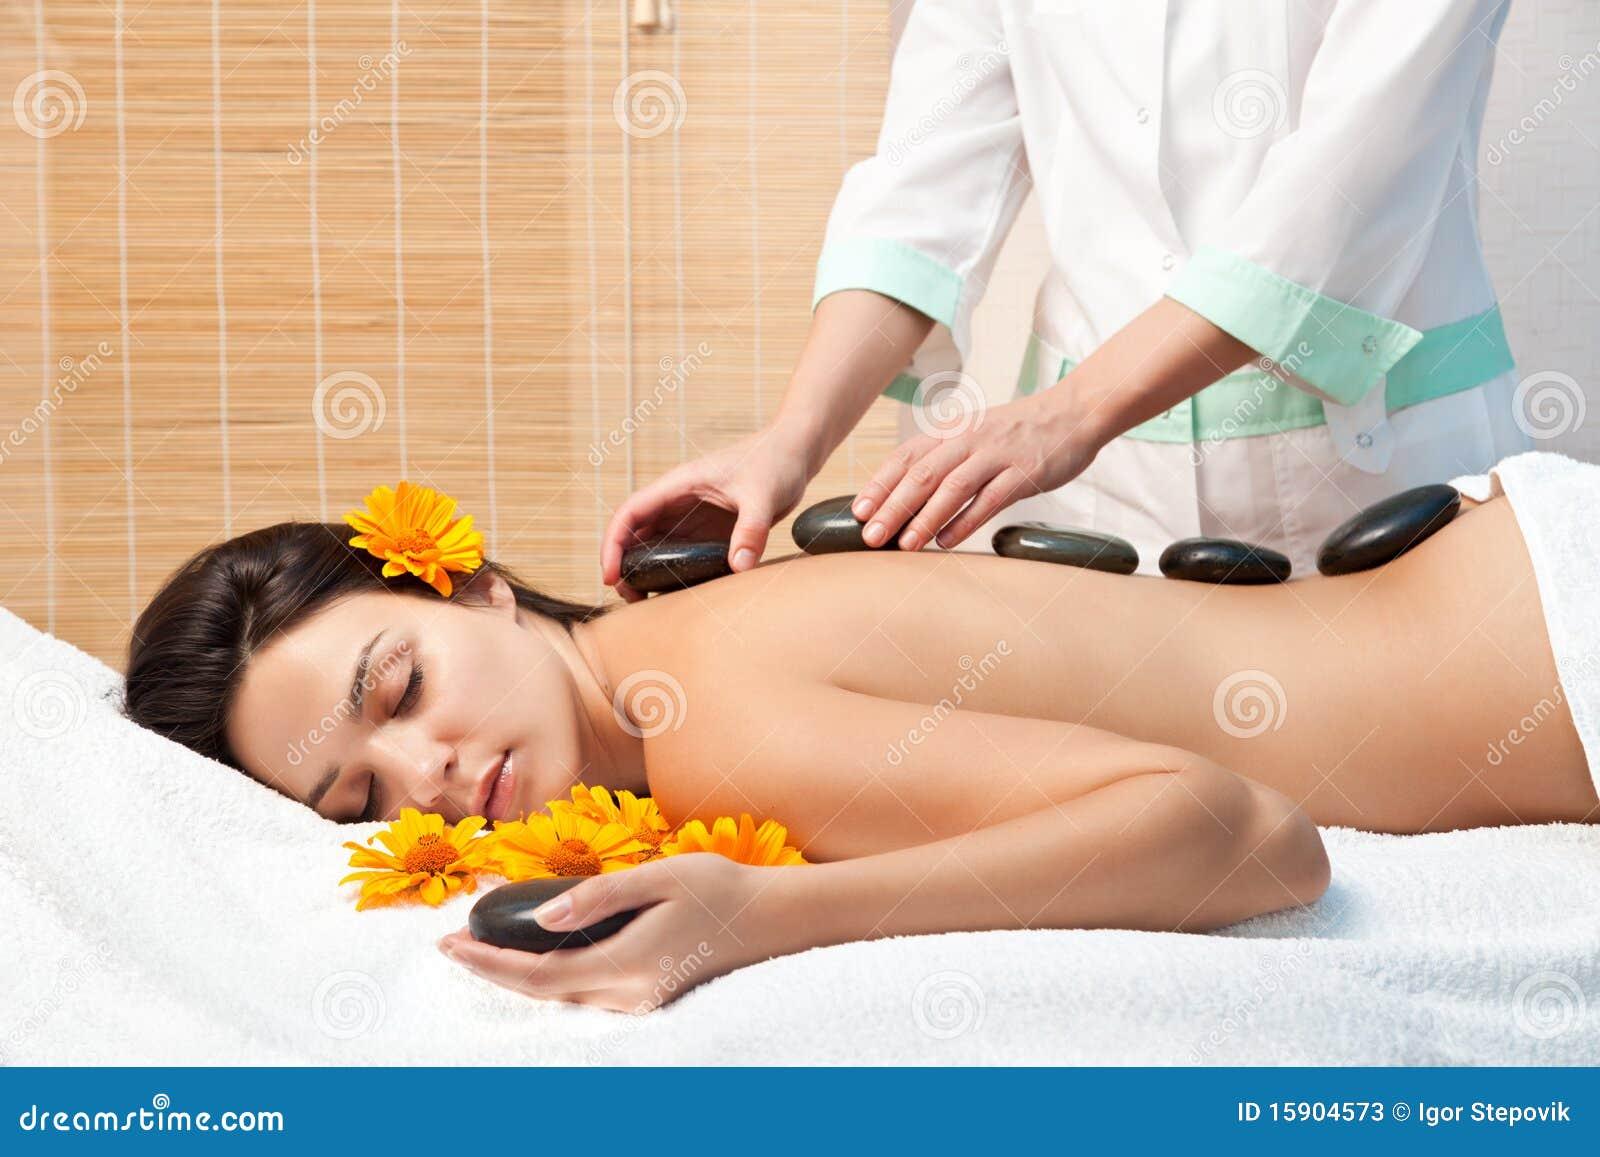 Vrouw die een hete steenmassage krijgt bij kuuroordsalon